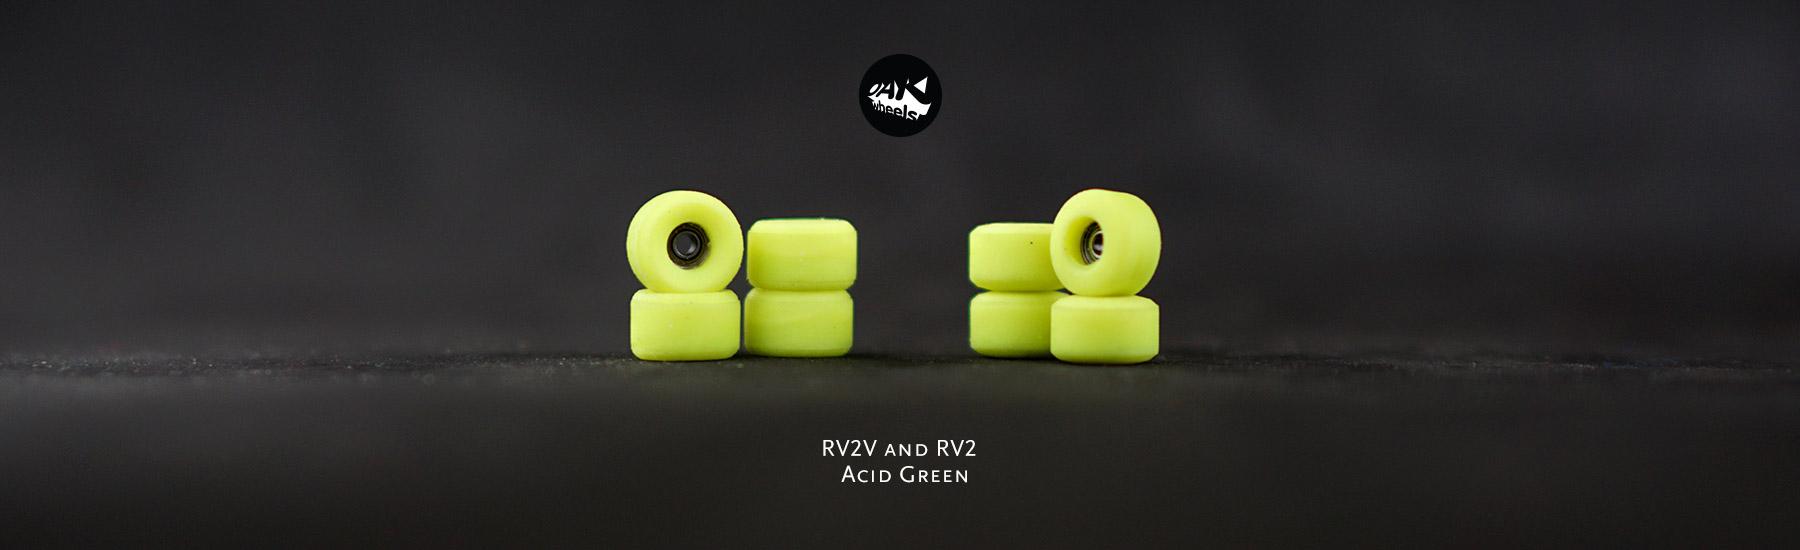 RV2VacidHome